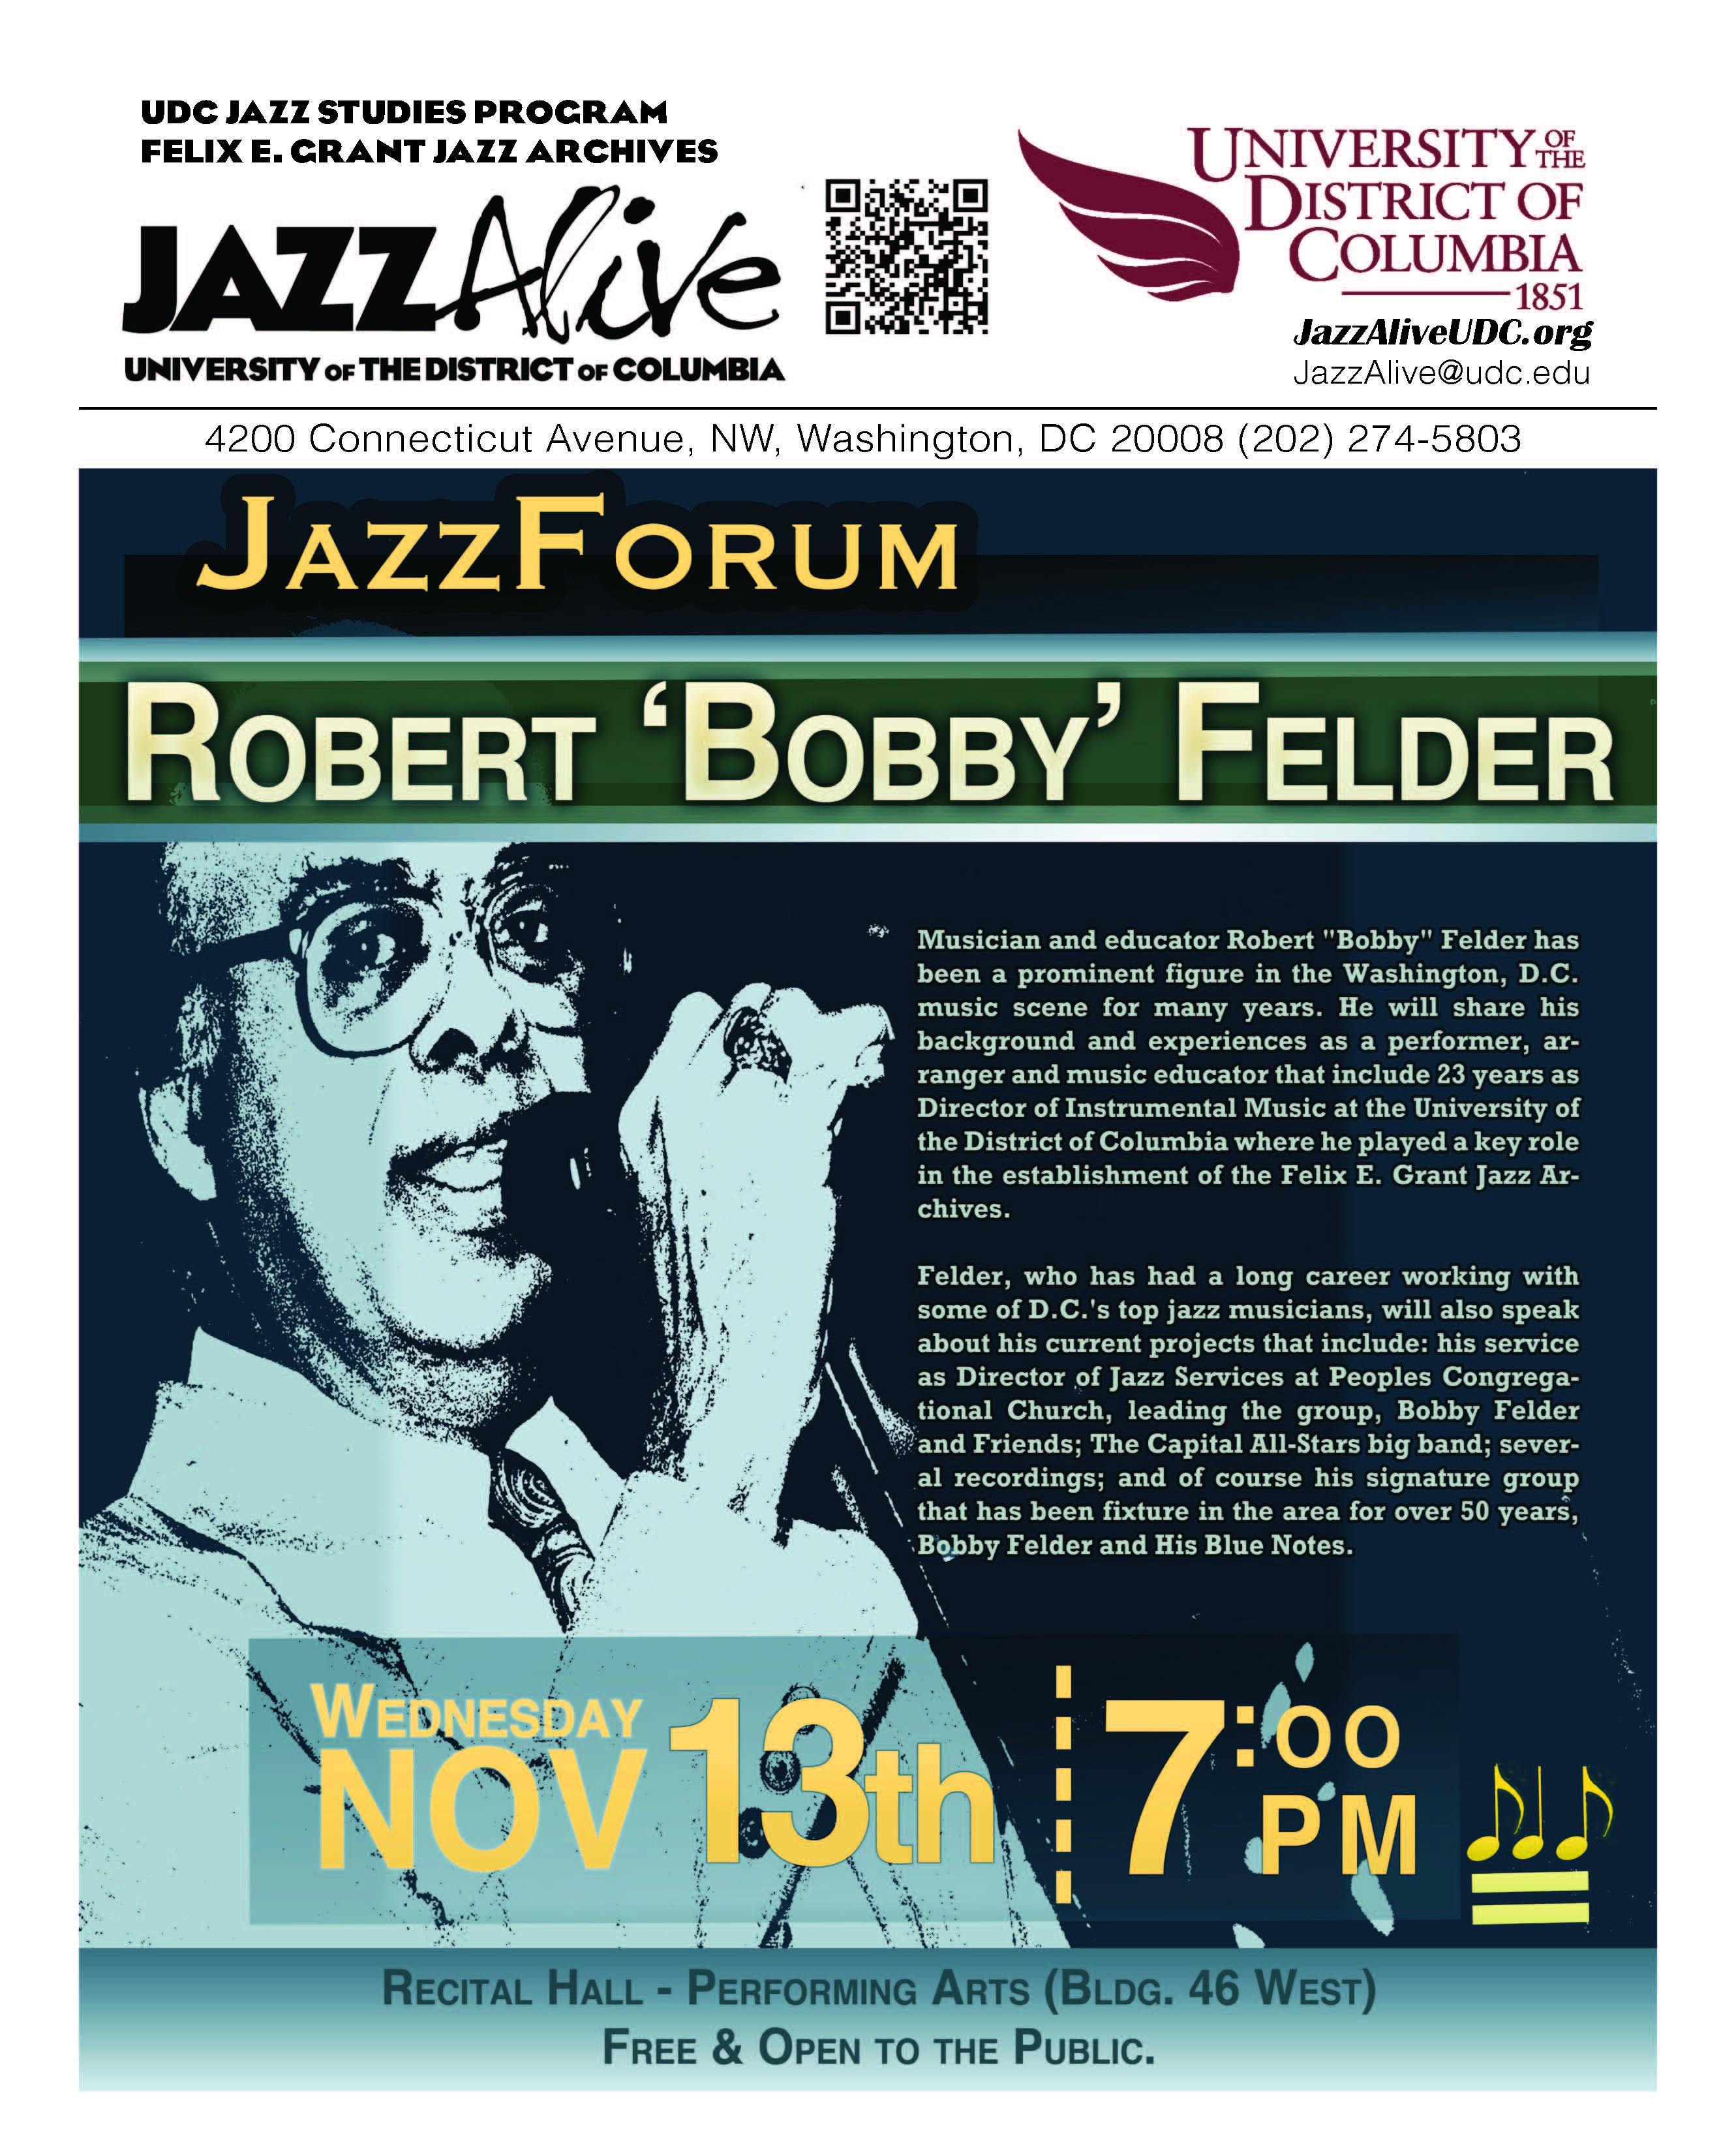 Jazzforum: robert